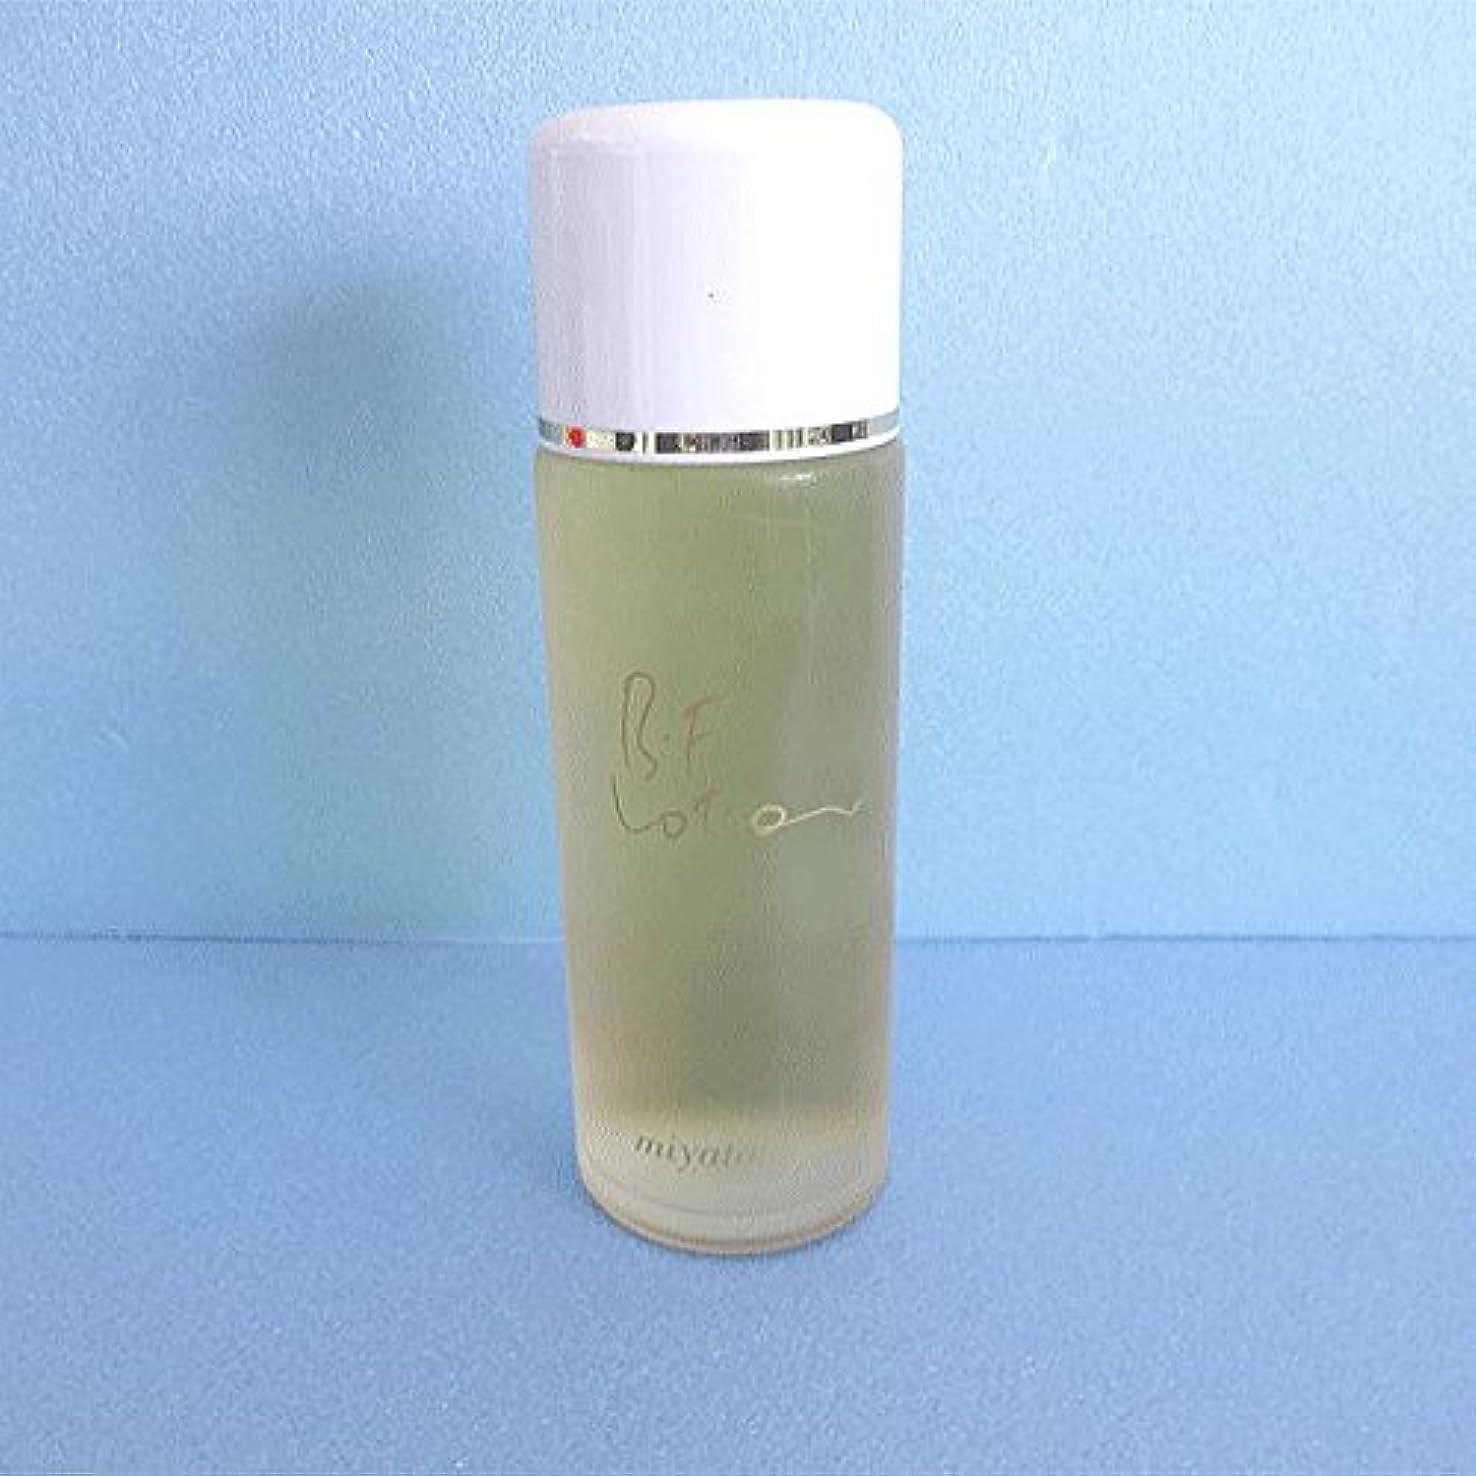 ルネッサンス電球ドックビーエフ?ローション100ml×10本 天然野草の恵み、お肌の味方、自然化粧水。